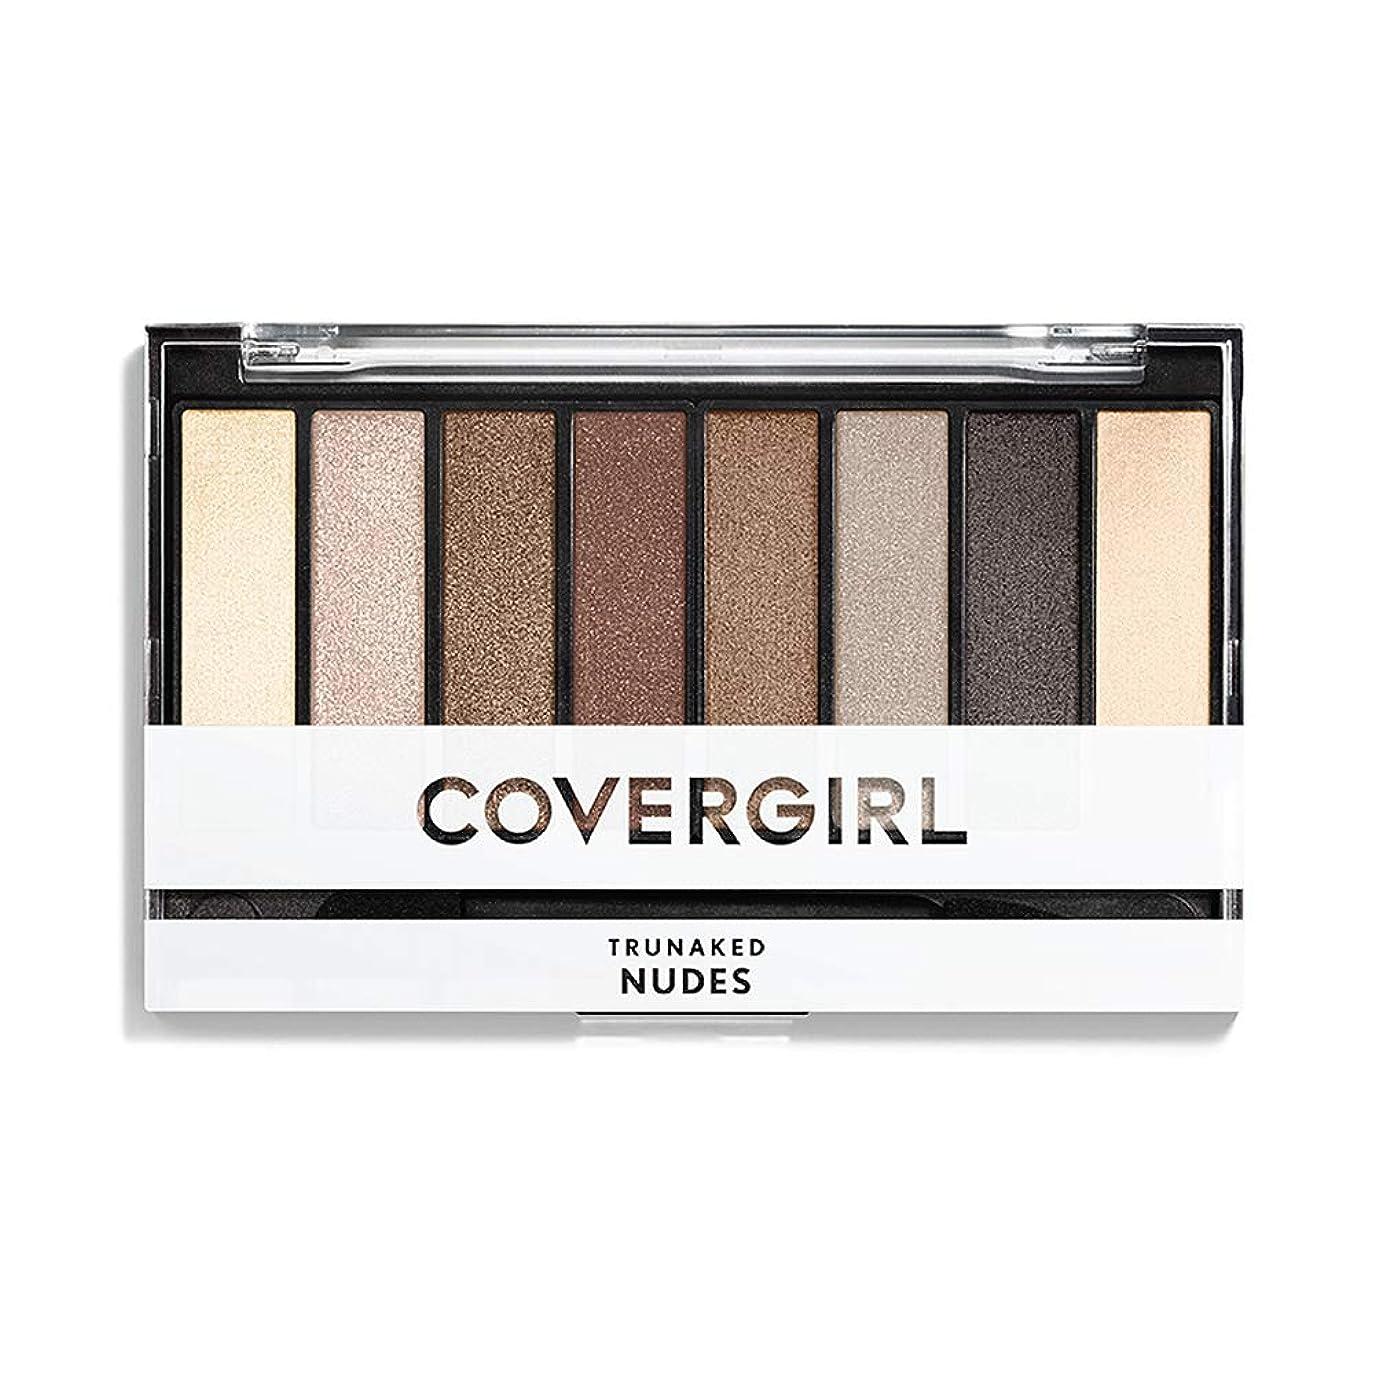 論争の的スチュワードアボートCOVERGIRL TruNaked Eyeshadow Palette - Nudes (並行輸入品)